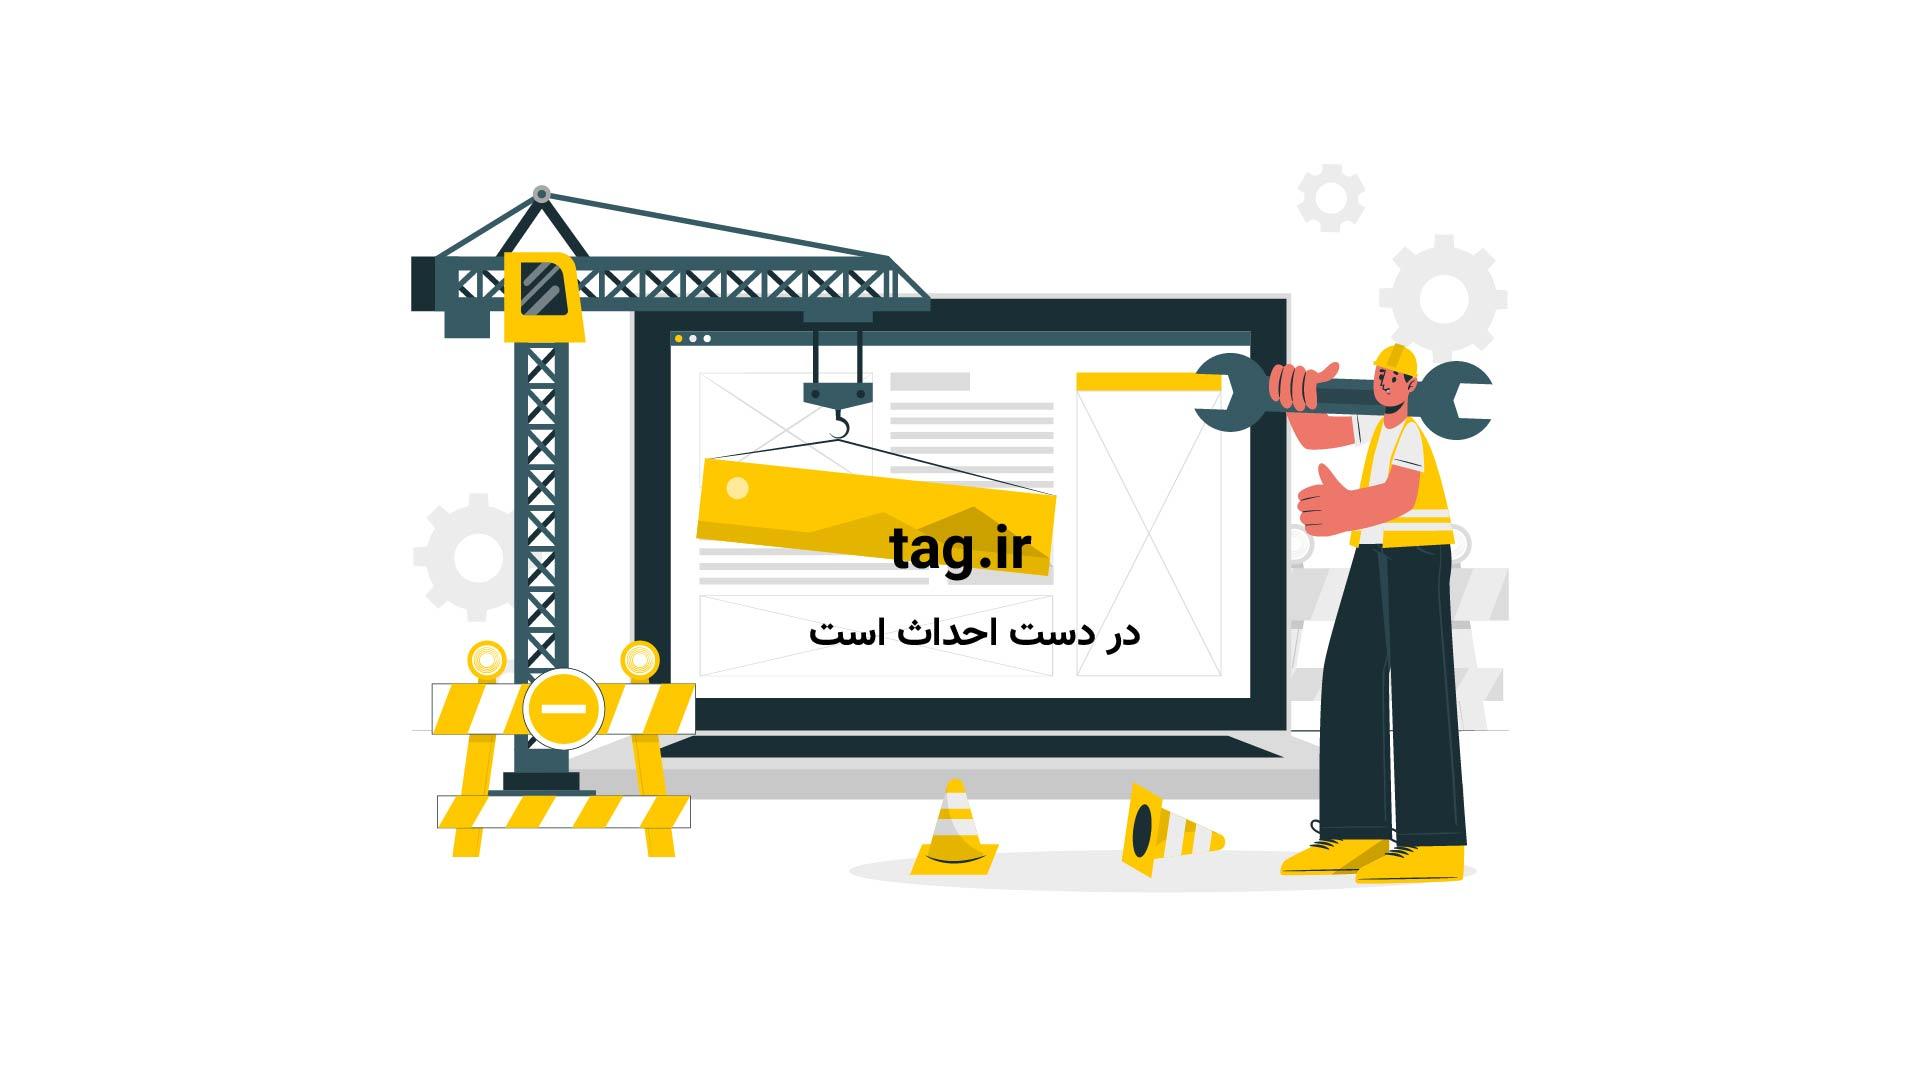 حمله سایبری به پارلمان انگلیس | فیلم